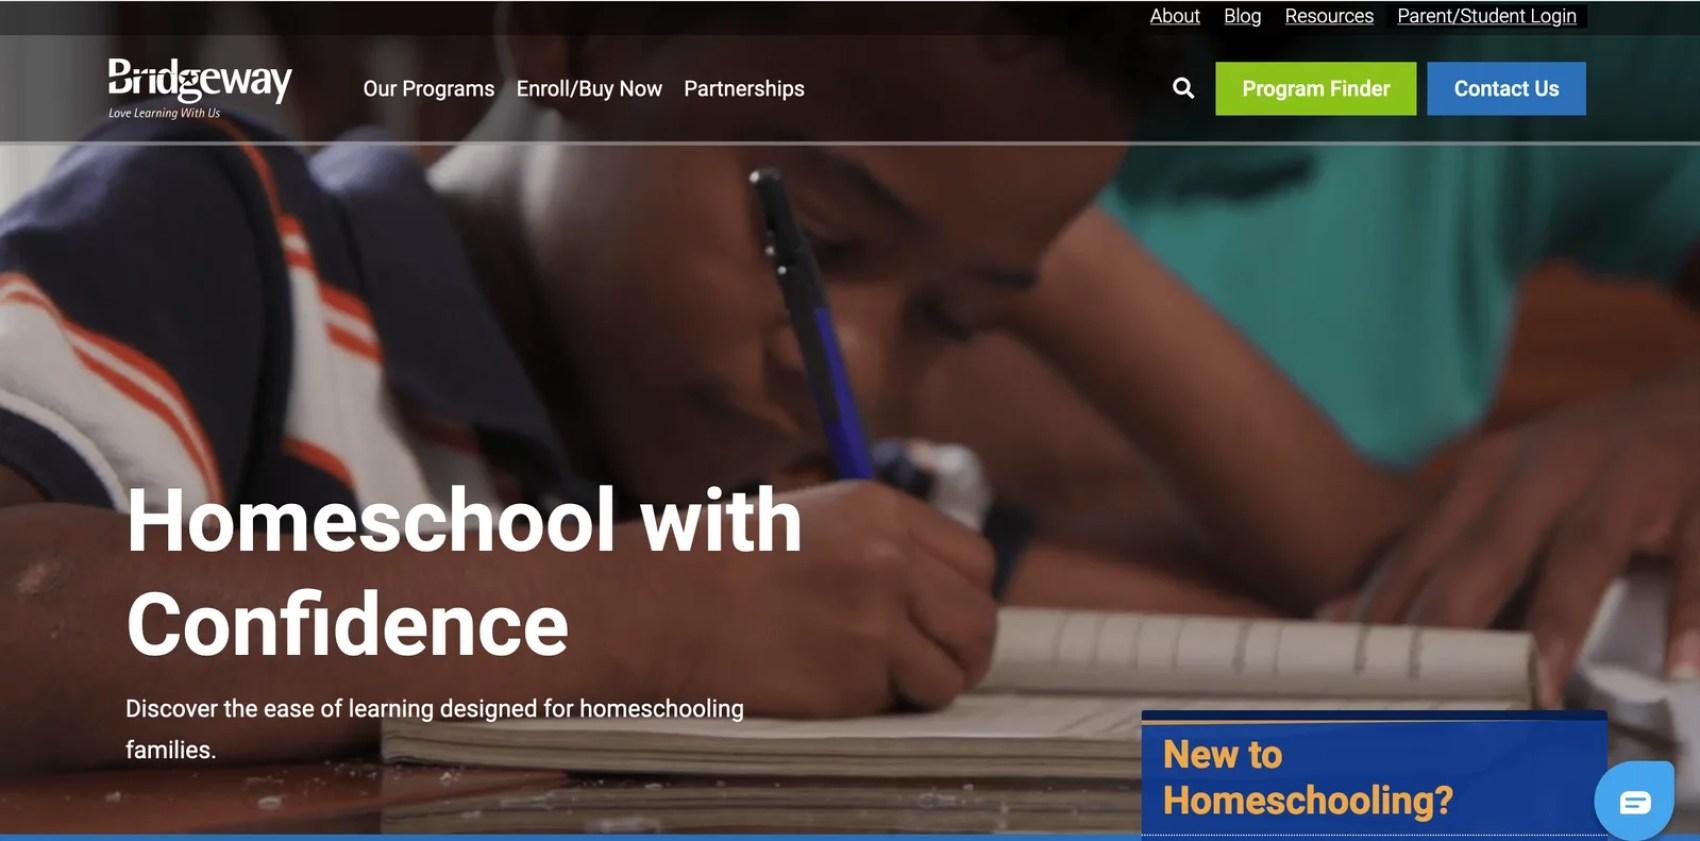 homeschooling with bridgeway academy review